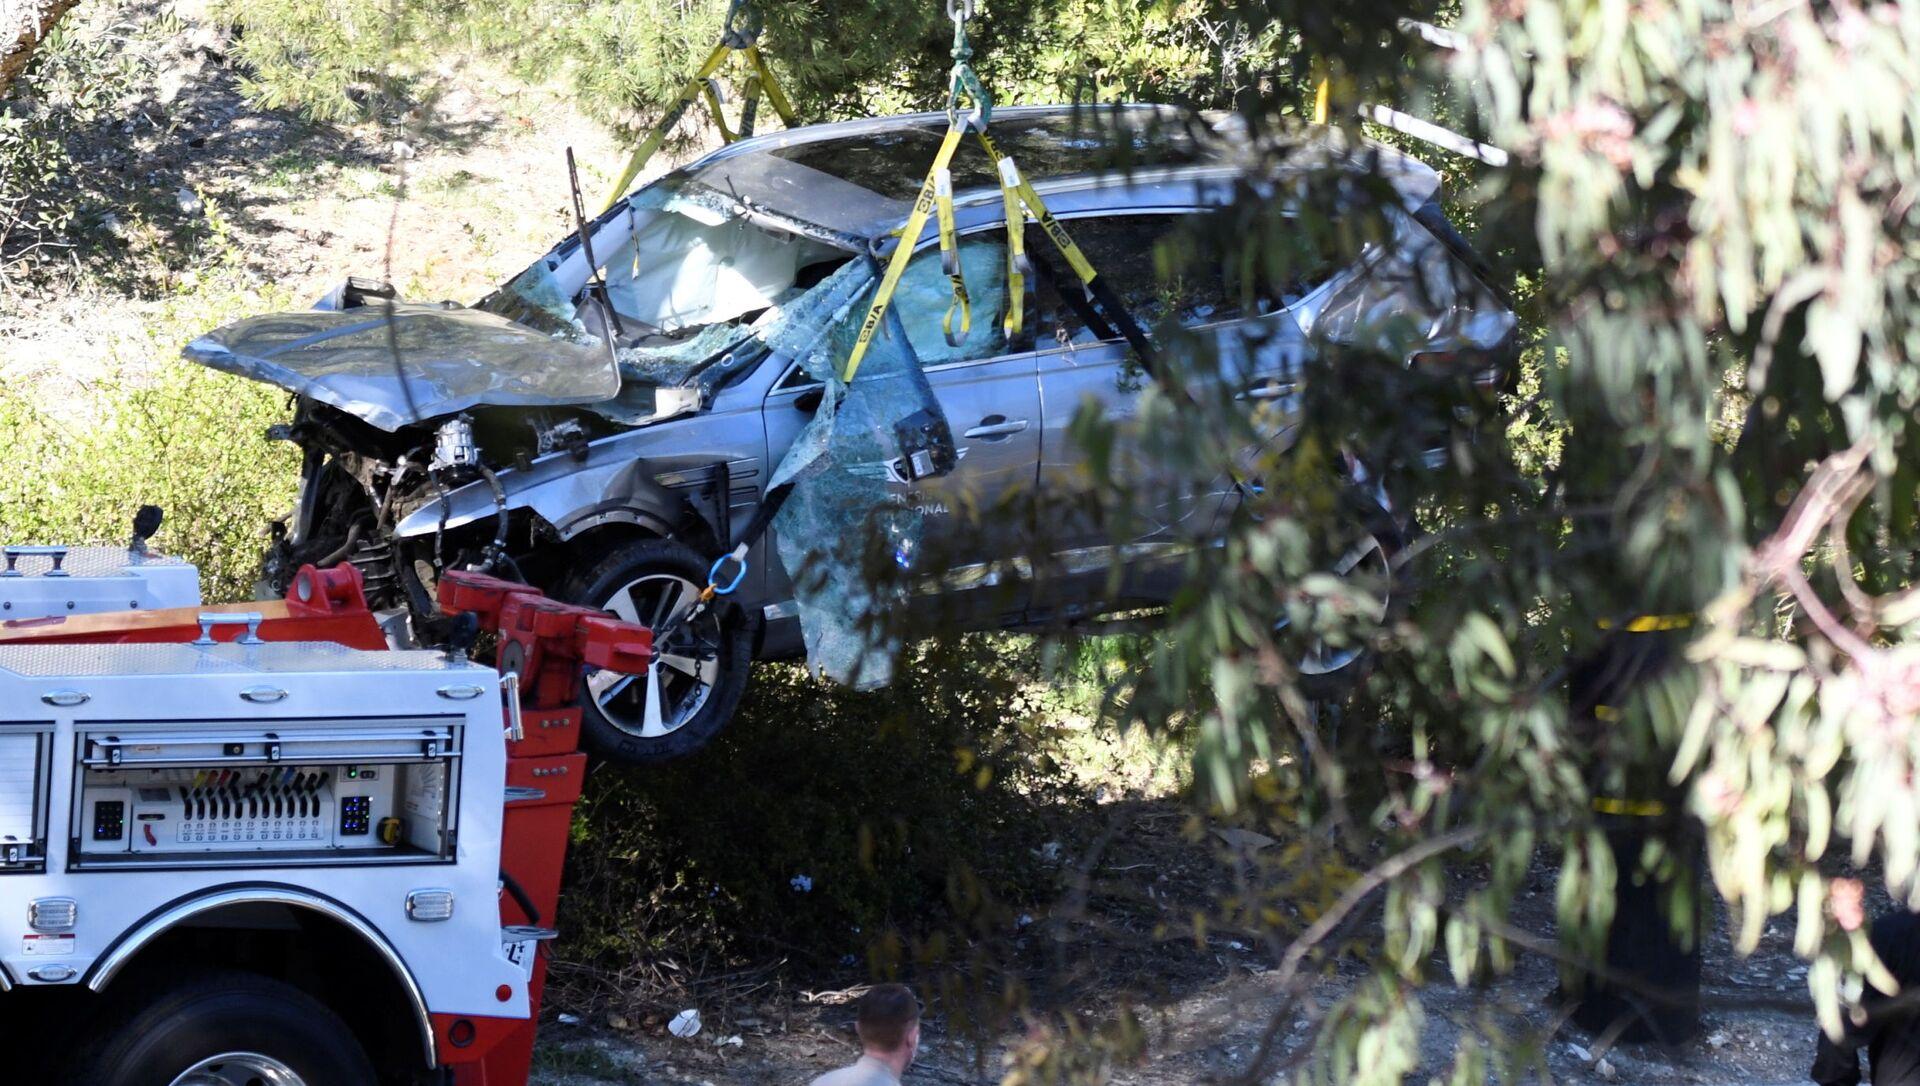 Americký profesionální golfista měl vážnou dopravní nehodu. Při incidentu přitom zcela zdemoloval své auto a smnohočetným zraněním nohou skončil vnemocnici - Sputnik Česká republika, 1920, 24.02.2021